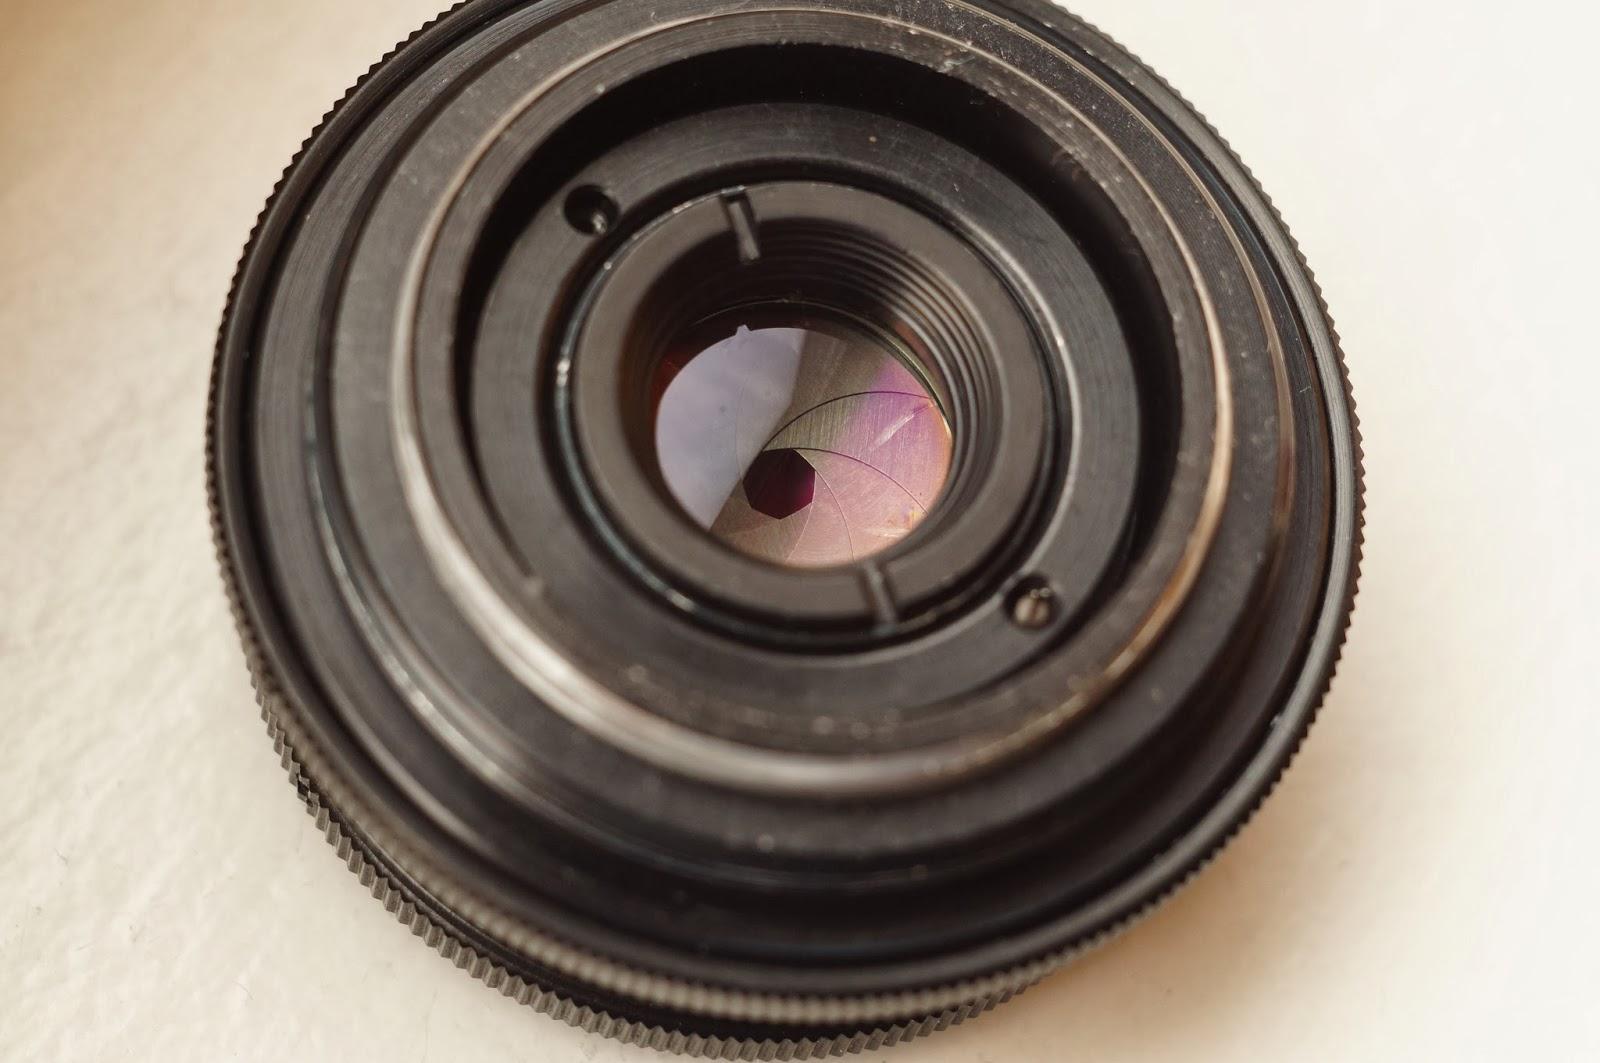 Cosinon 55mm f2.1 vs Carl Zeiss Jena Biotar 58mm f/2